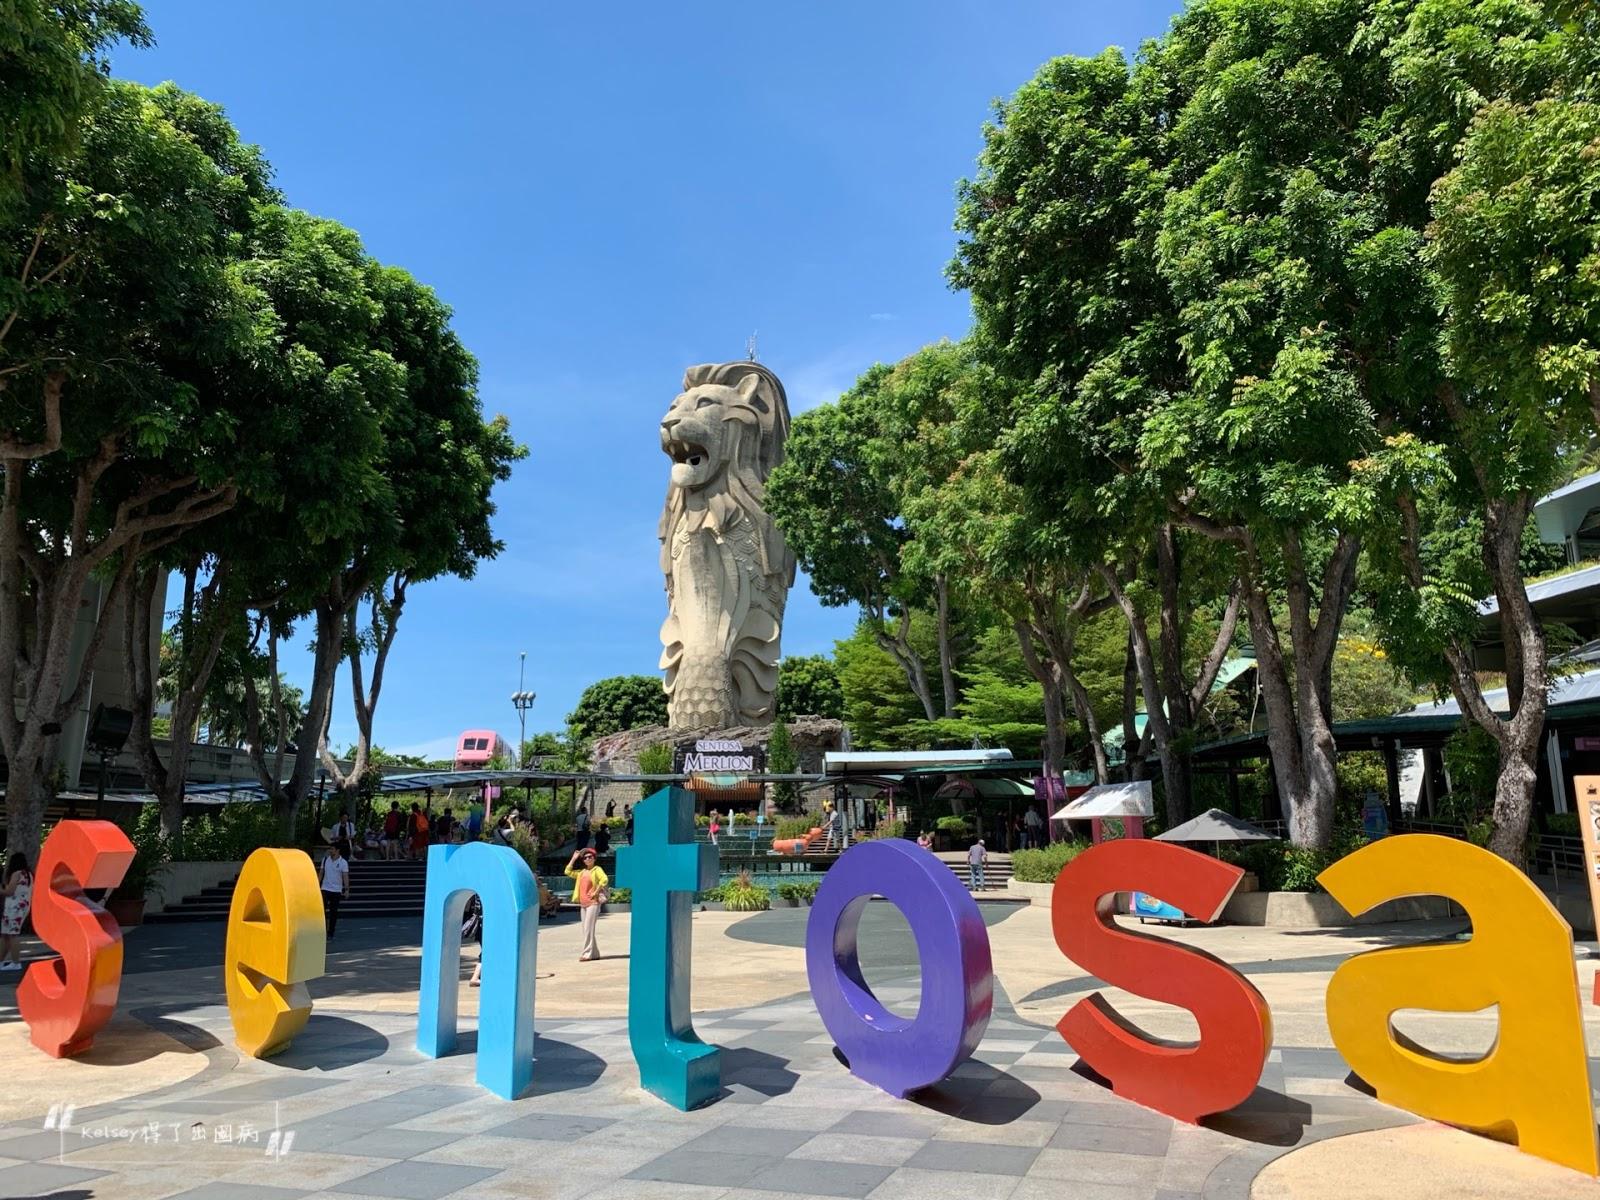 新加坡自由行】聖淘沙這麼玩現省近NT$600!聖淘沙歡樂景點套票一日遊 ...